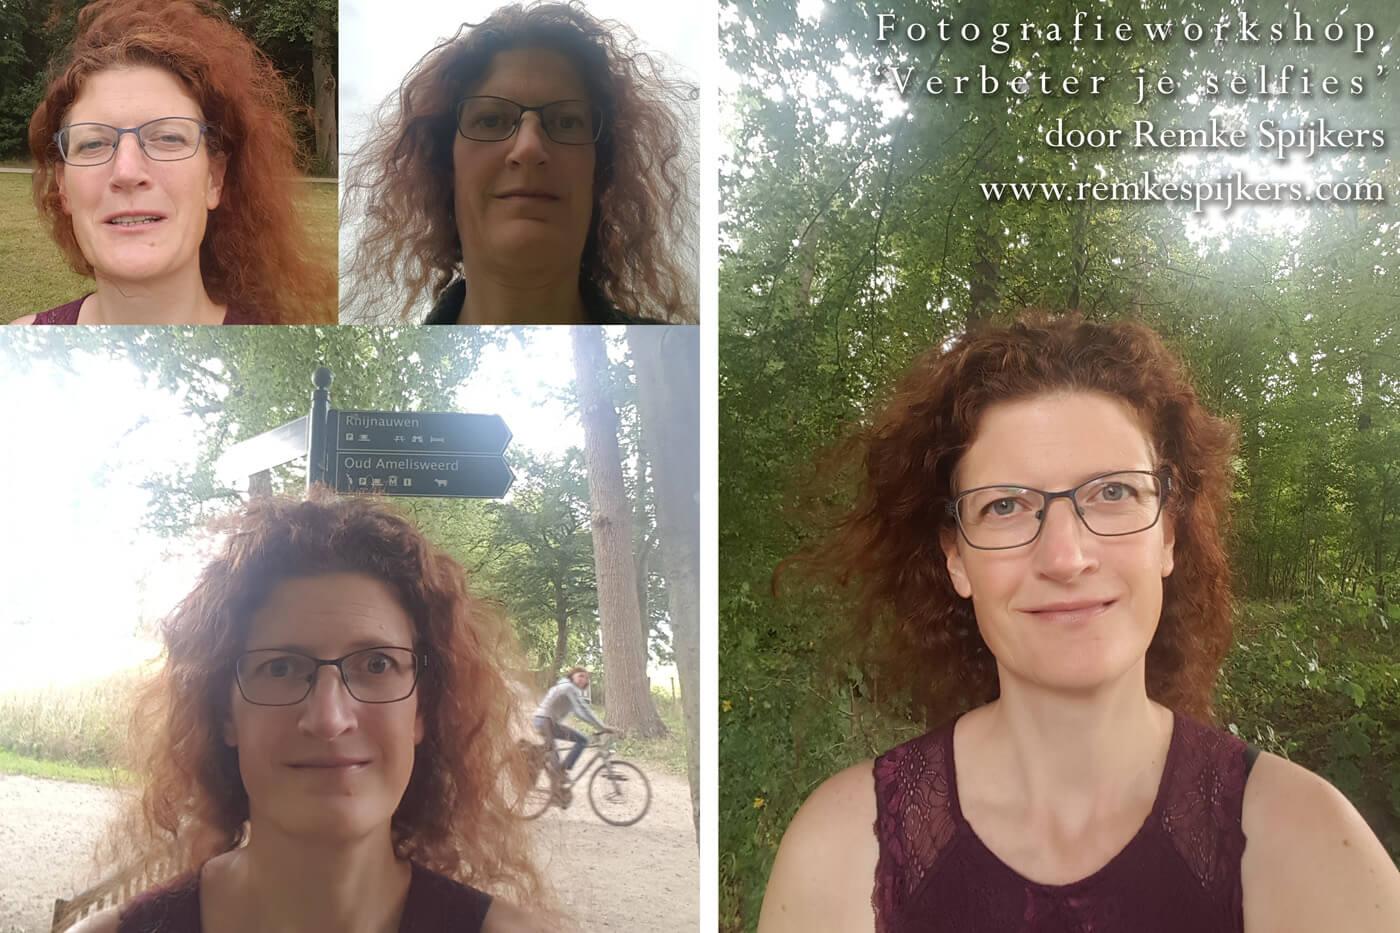 fotografie workshop verbeter je selfies www